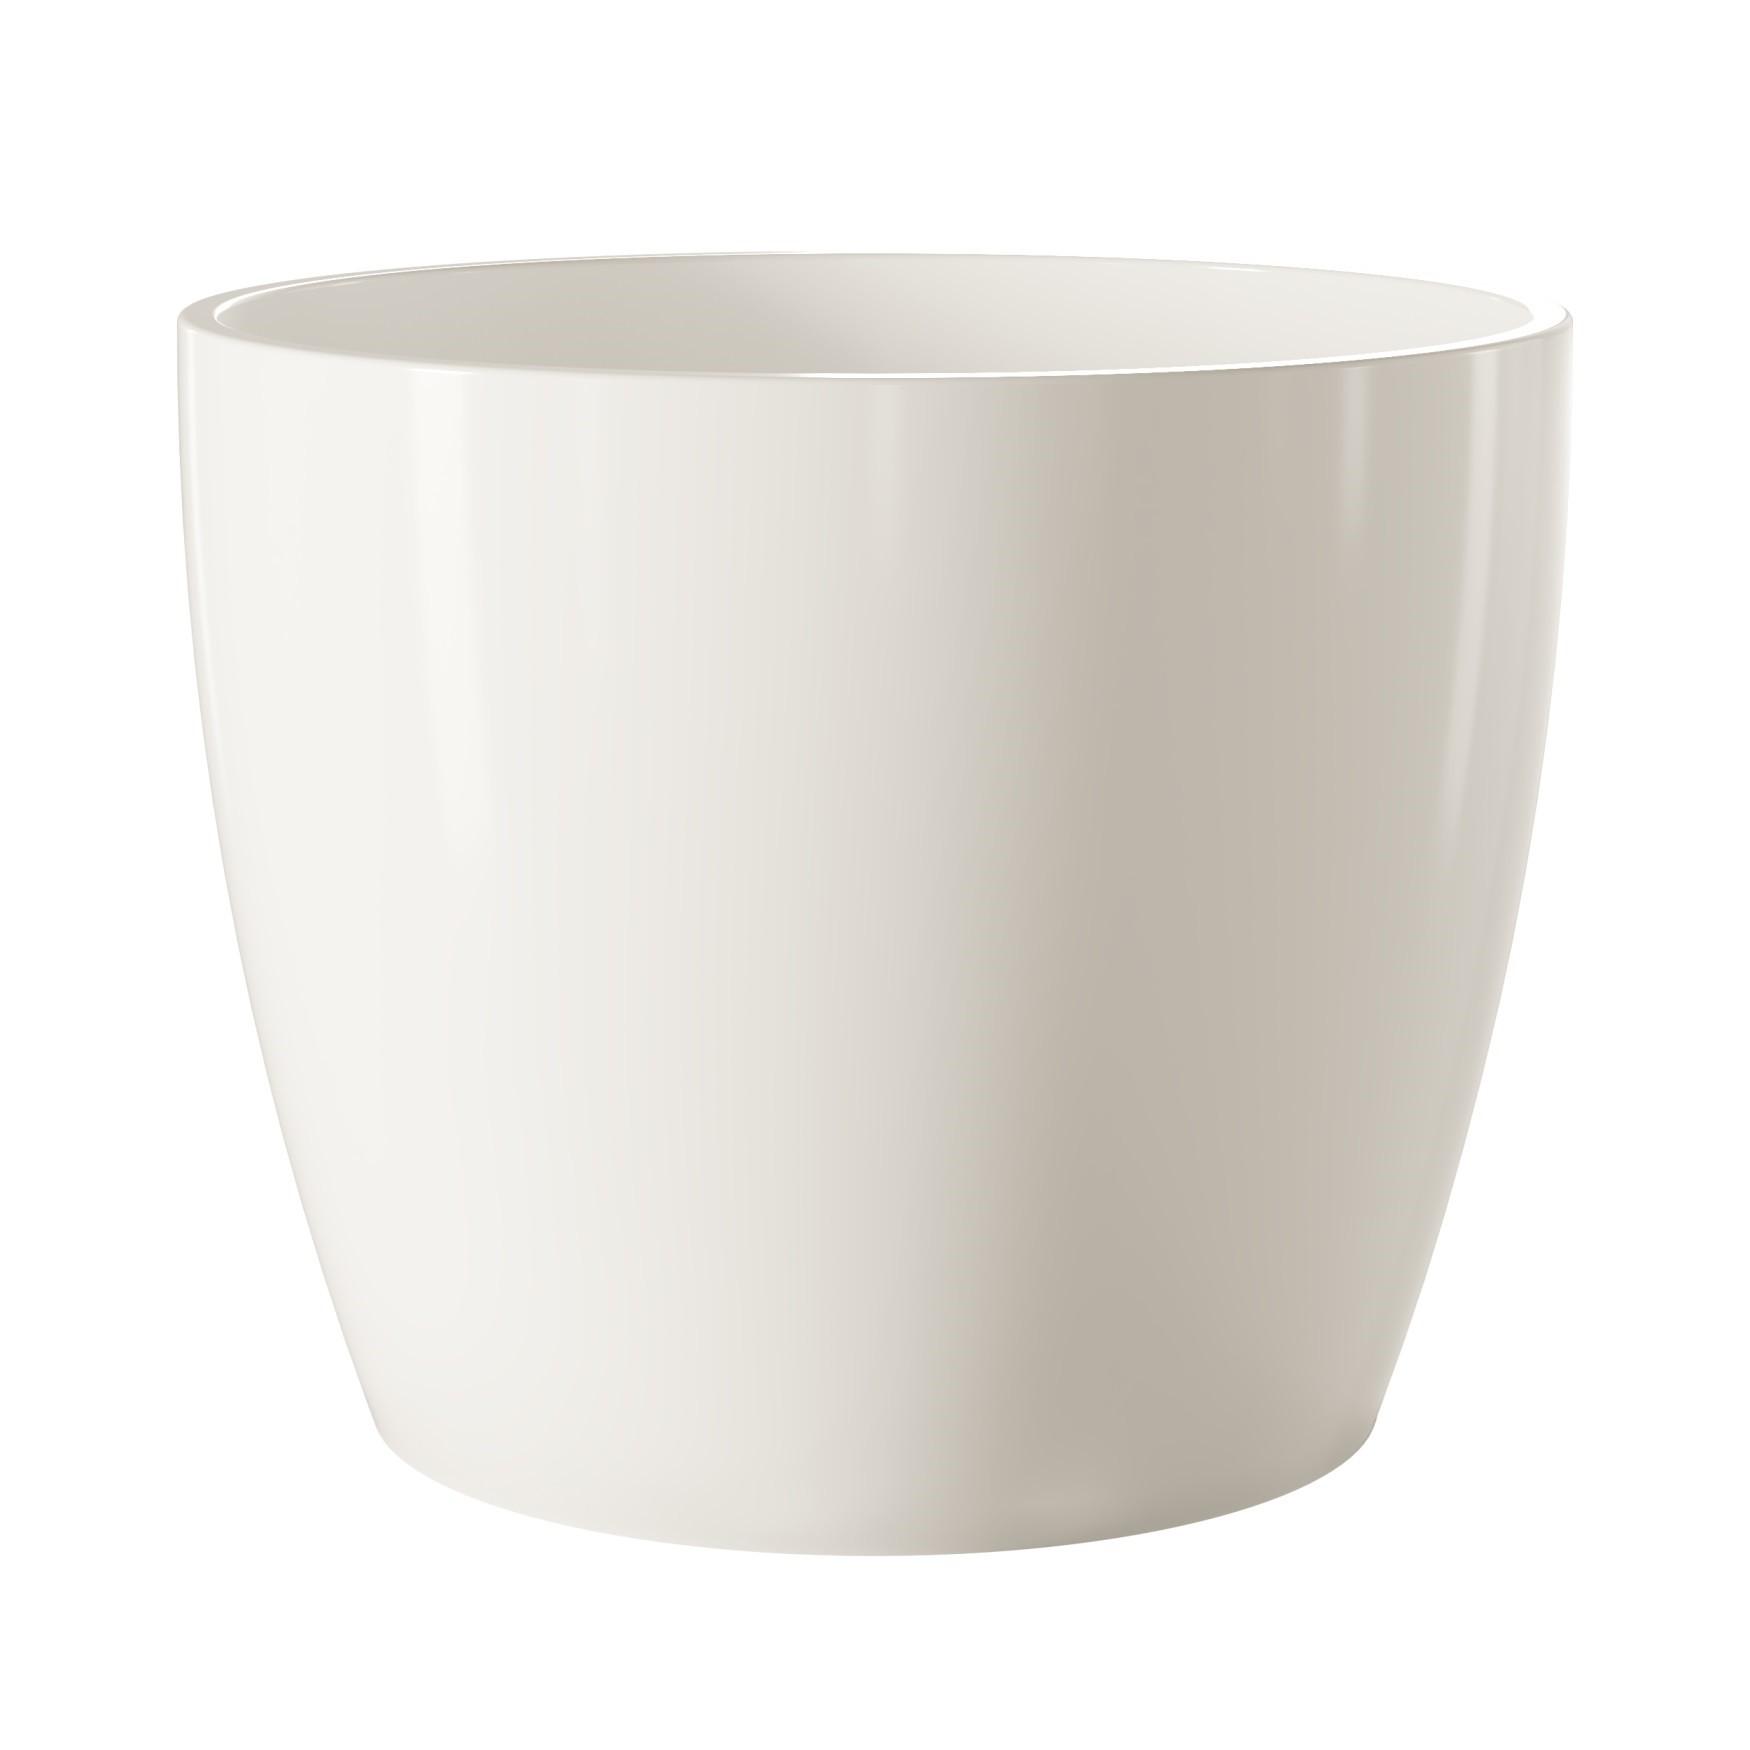 Vaso para Plantas Ceramica 15x17cm Munique Branco - Japi